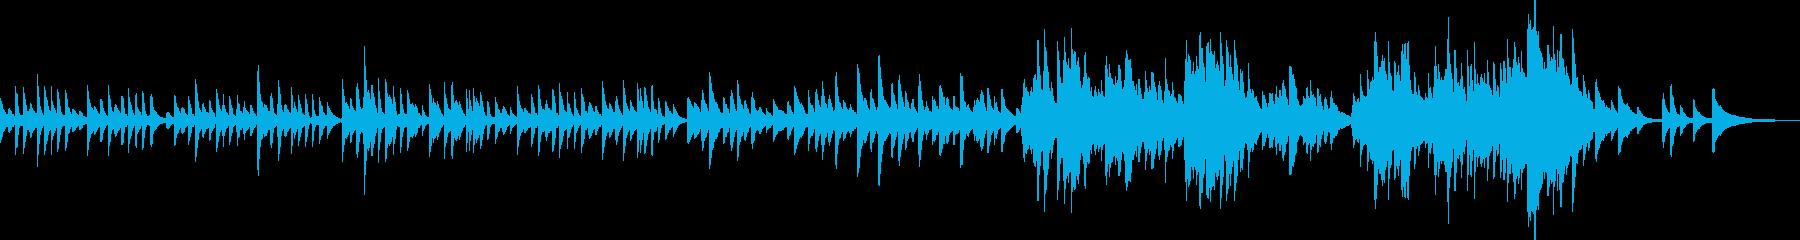 子守歌のような美しいピアノBGMの再生済みの波形